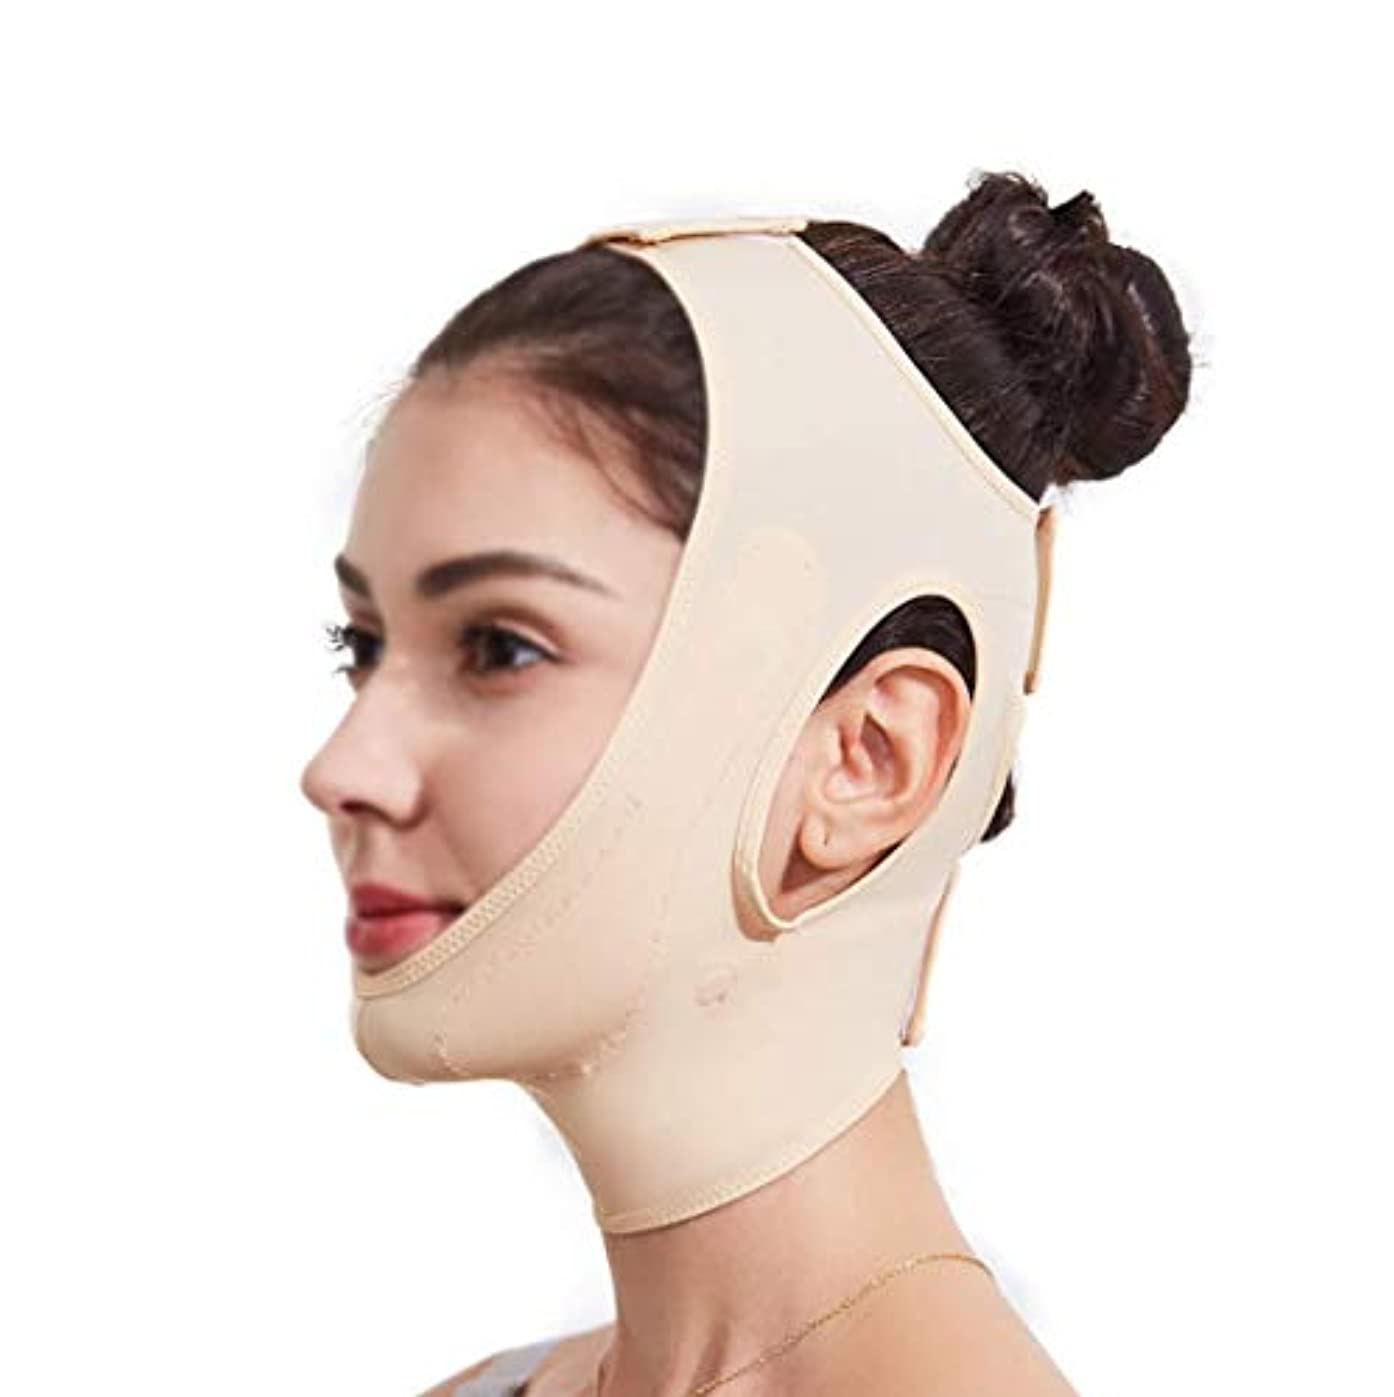 やけど検閲暴力フェイスリフティングマスク、360°オールラウンドリフティングフェイシャルコンター、あごを閉じて肌を引き締め、快適でフェイスライトをサポートし、通気性を保ちます(サイズ:ブラック),肌の色